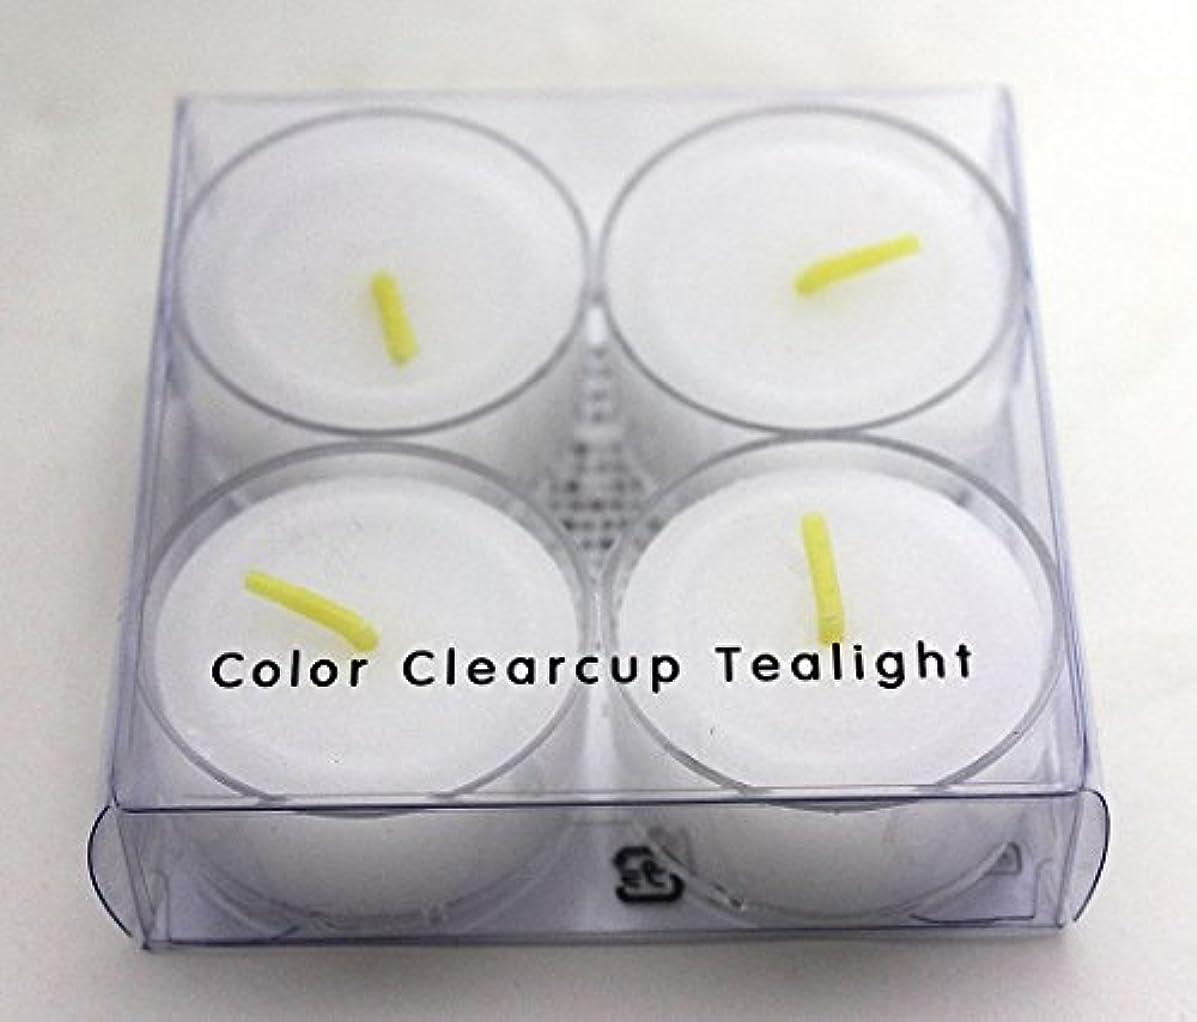 力広い繁雑カメヤマキャンドル(kameyama candle) カラークリアカップティーライト4個入り 「 クリア 」